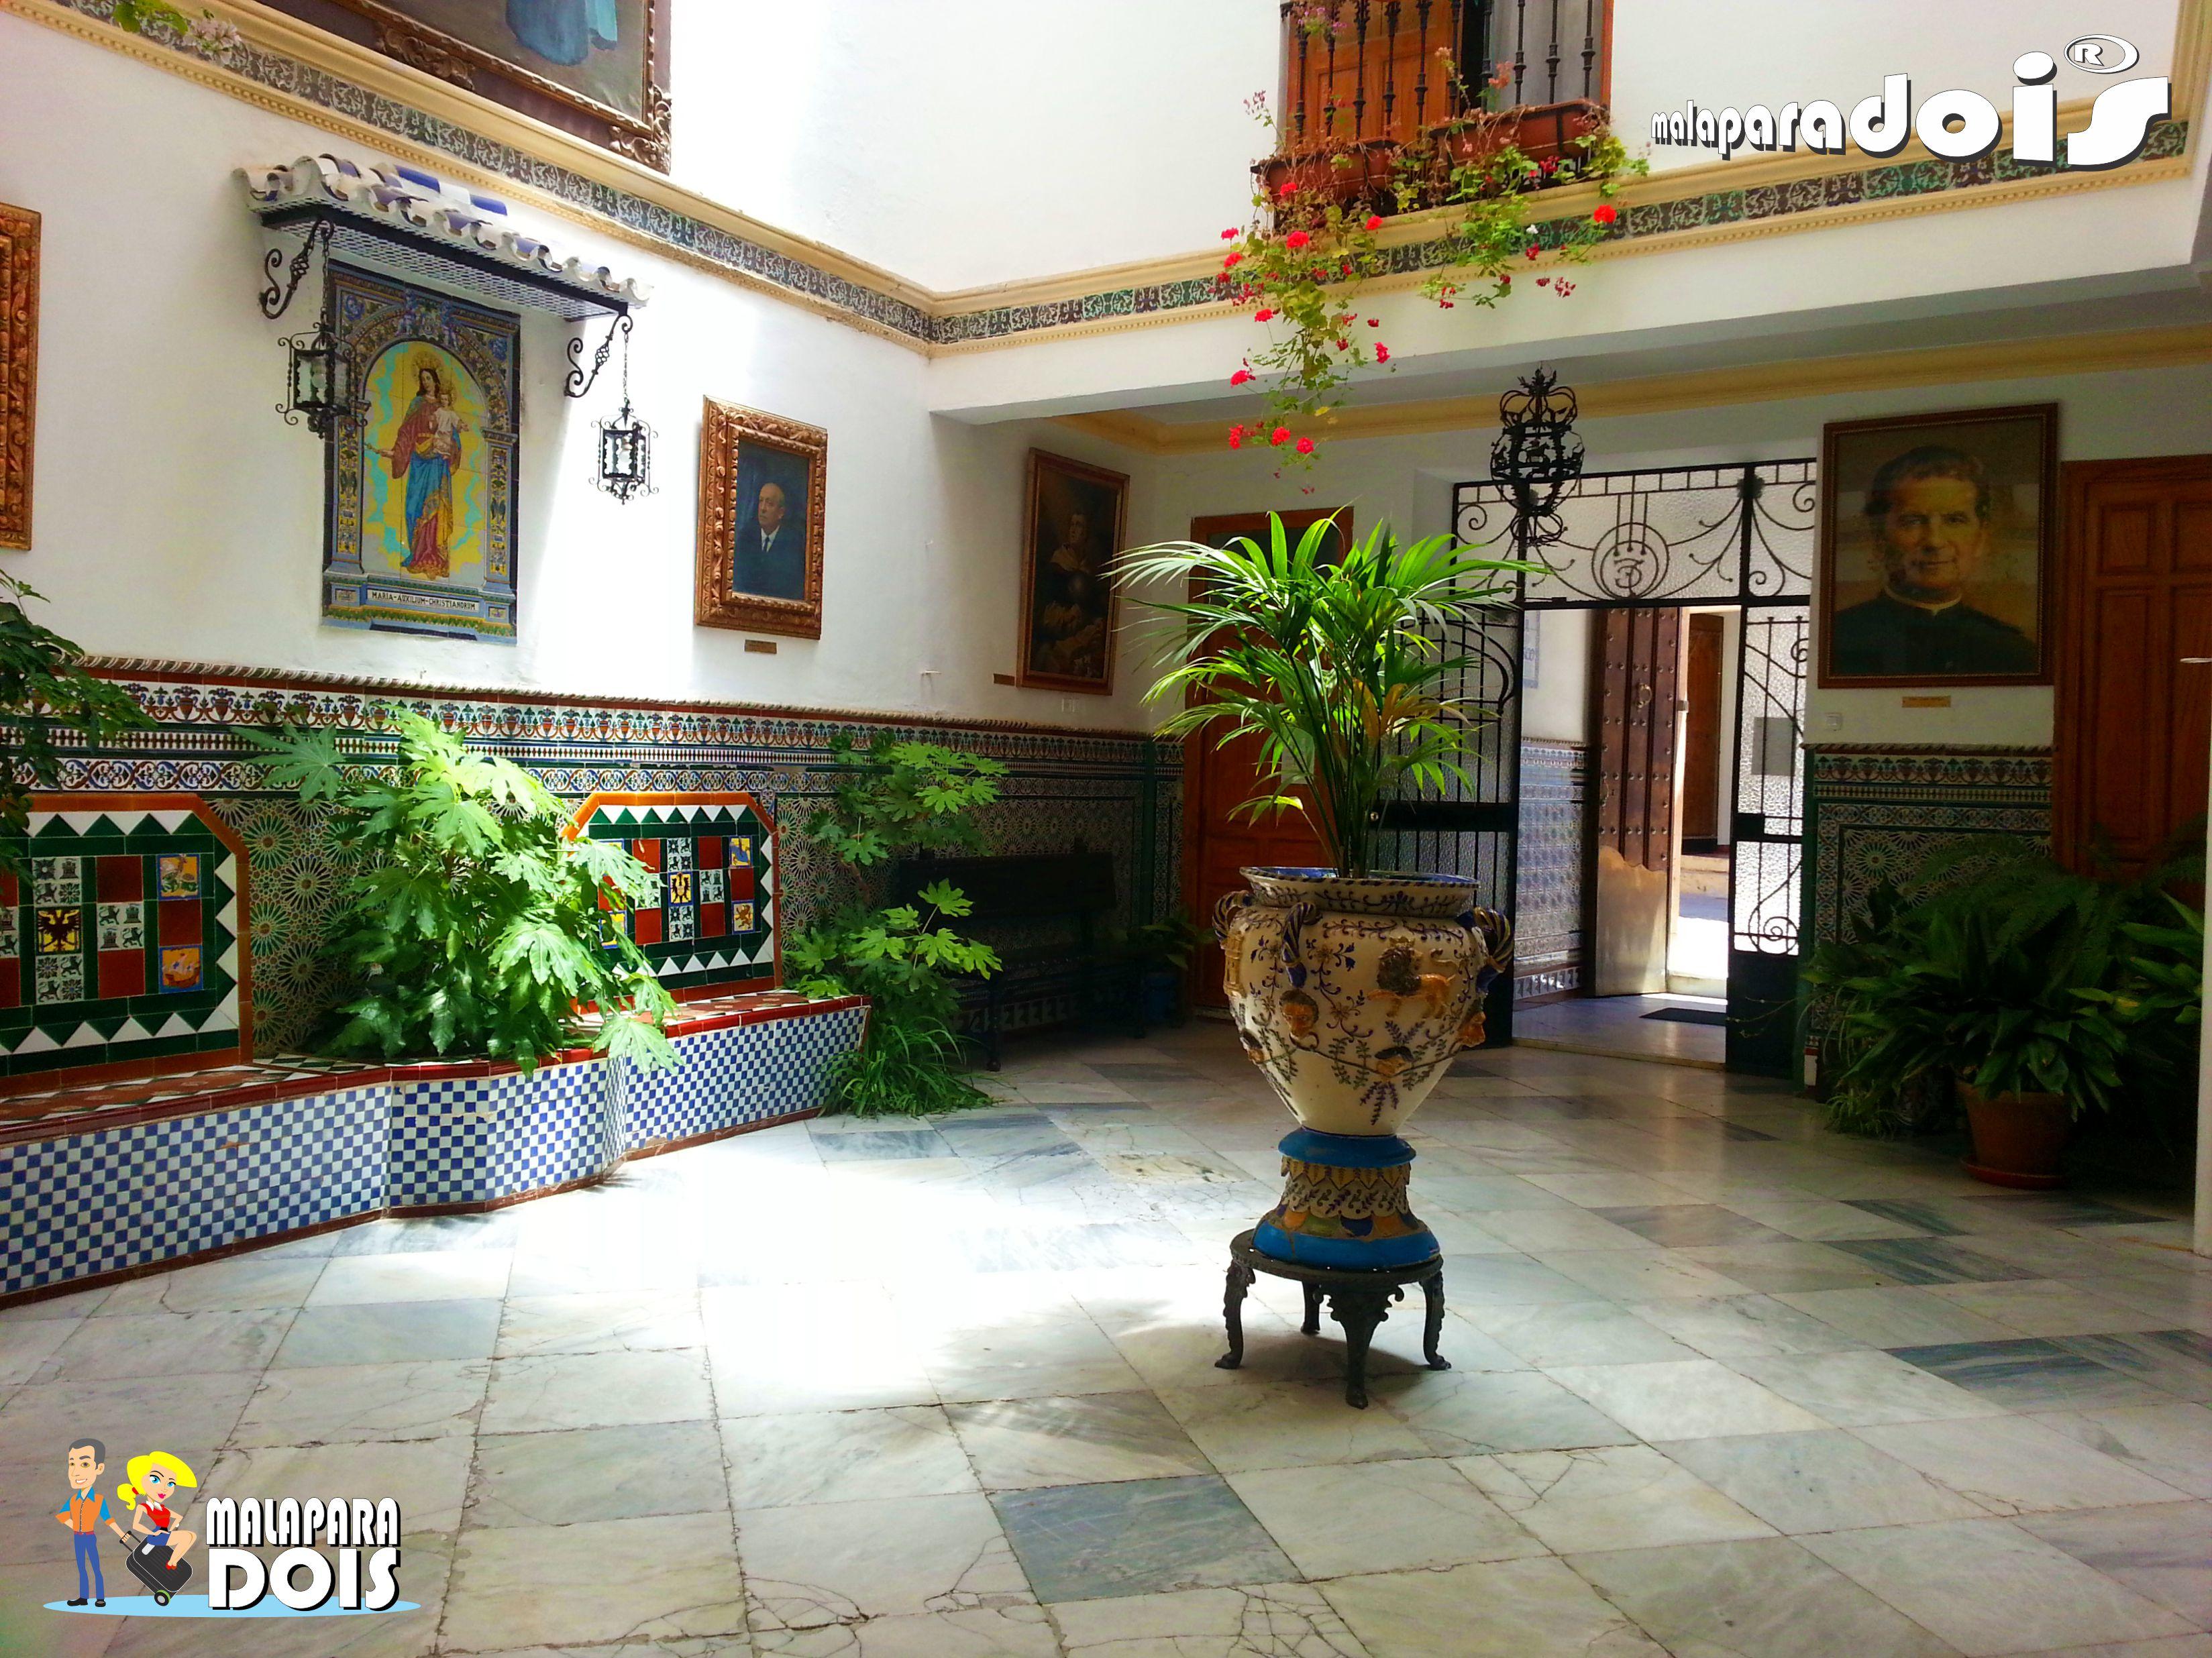 Casa Dom Bosco